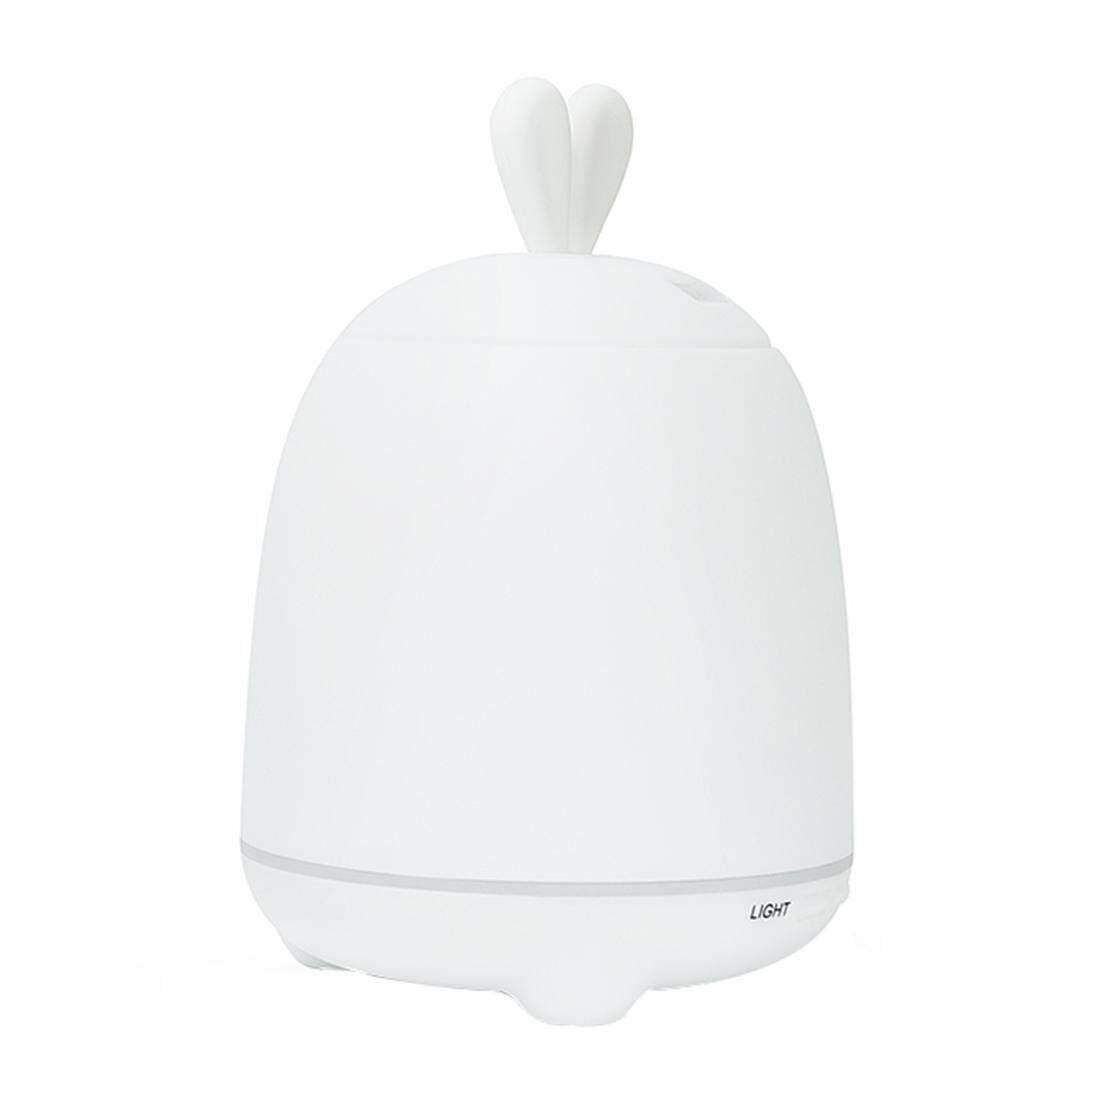 Ziyouxing Rumah Menggunakan Humidifier Kelinci Penampilan Mini Ukuran Diffuser Humidifier Putih